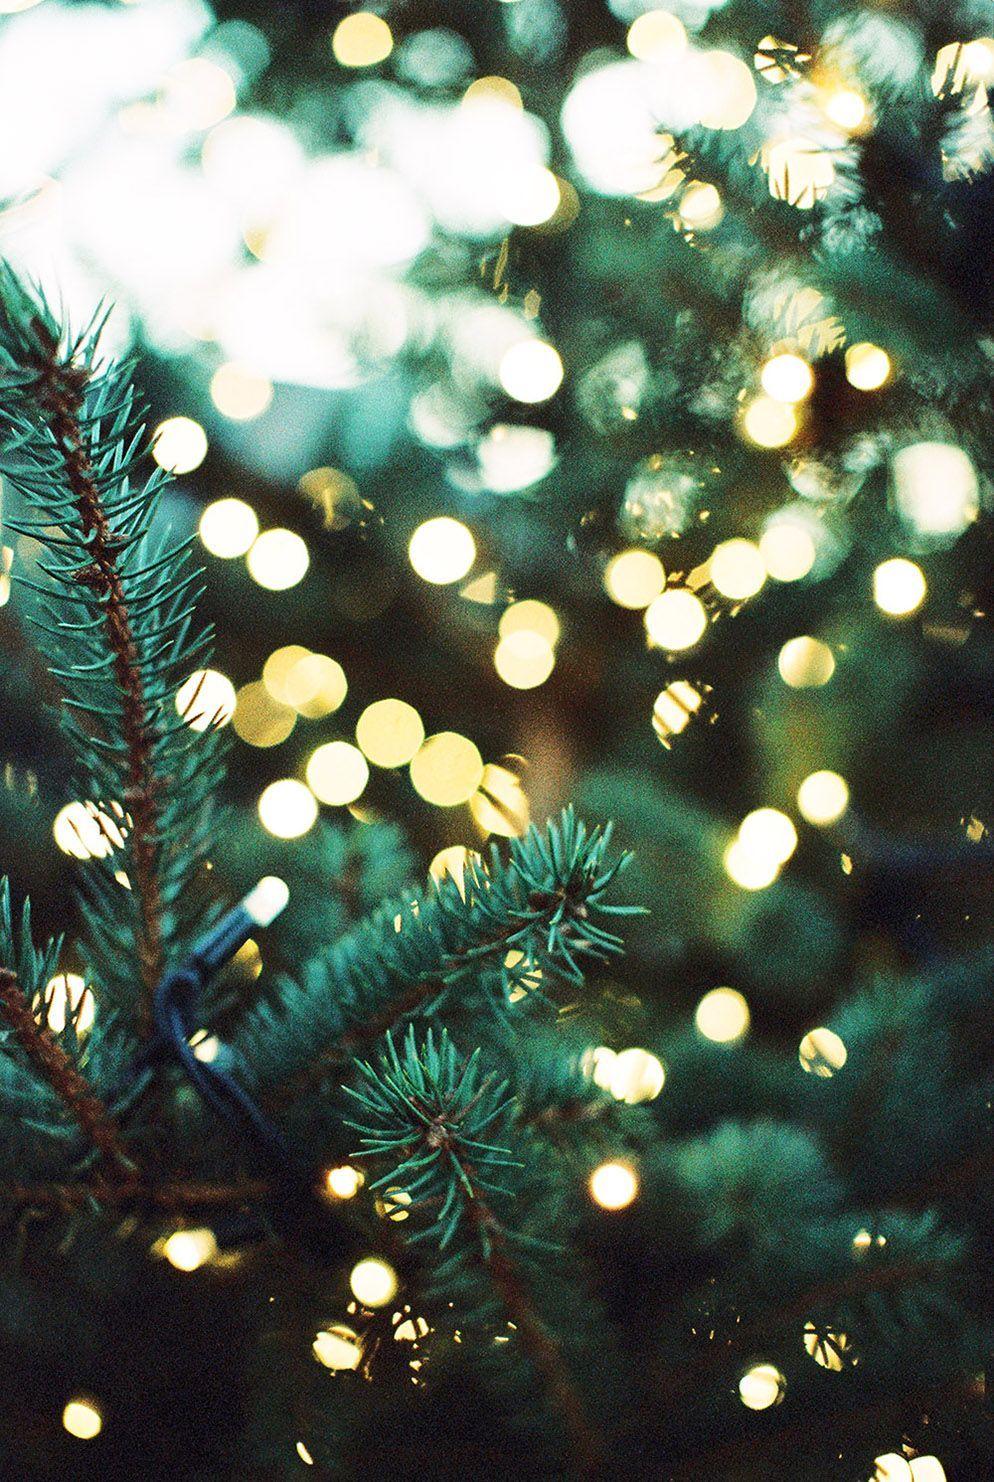 Pin By Mikayla C On Uogifted Christmas Wallpaper Christmas Lights Christmas Time